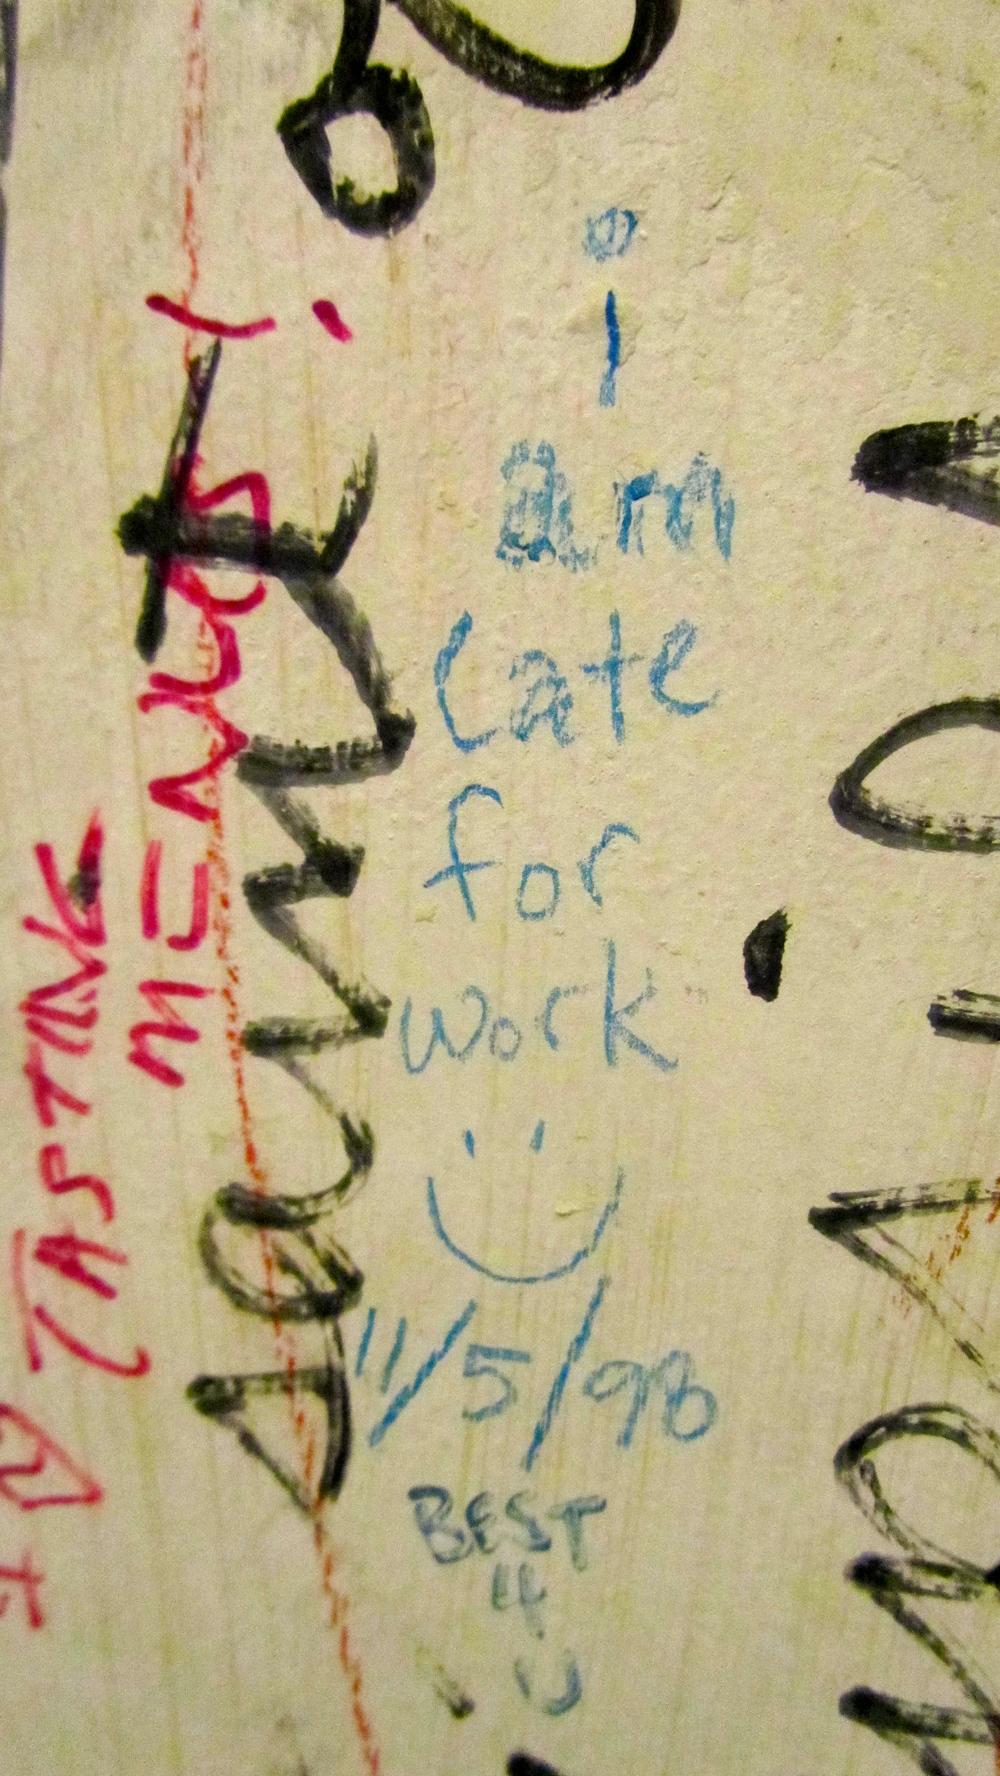 Week 8's Thing - Art de Toilette